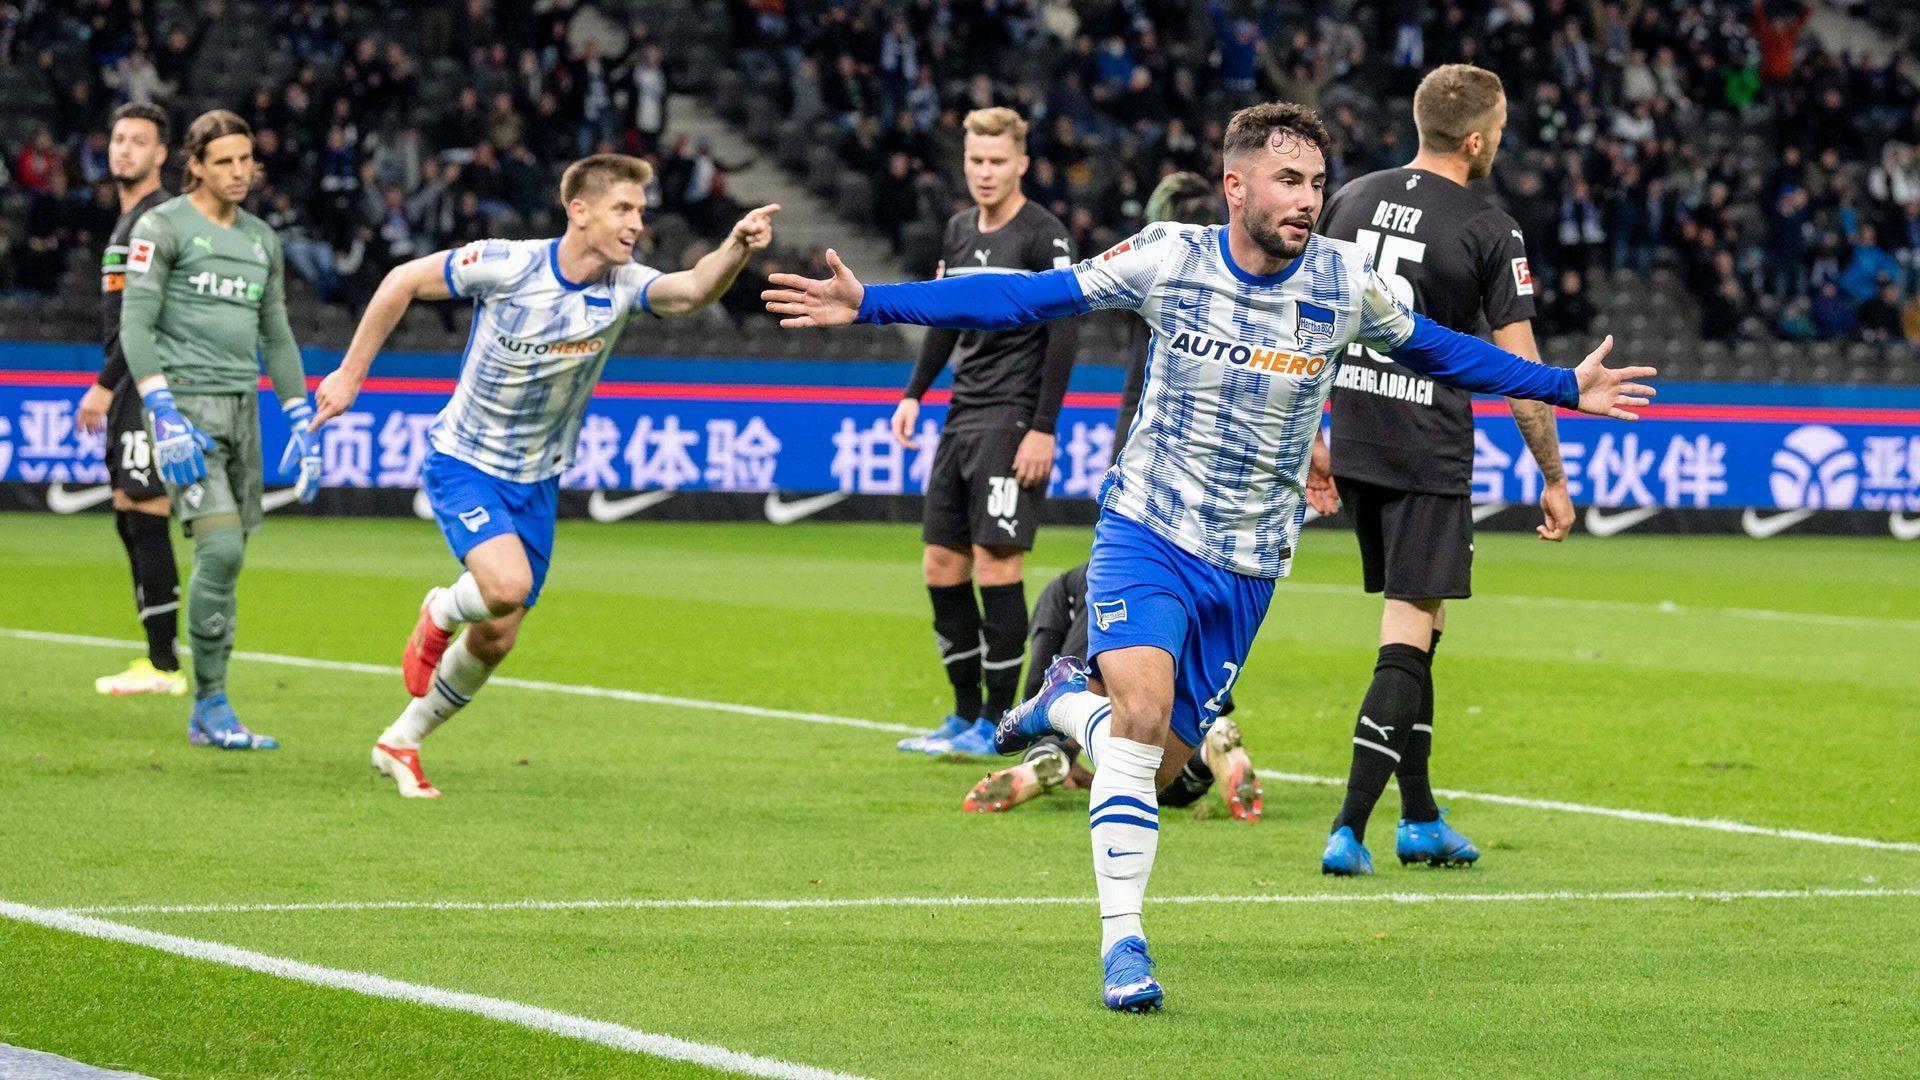 Richter strike fires Hertha to win over Gladbach